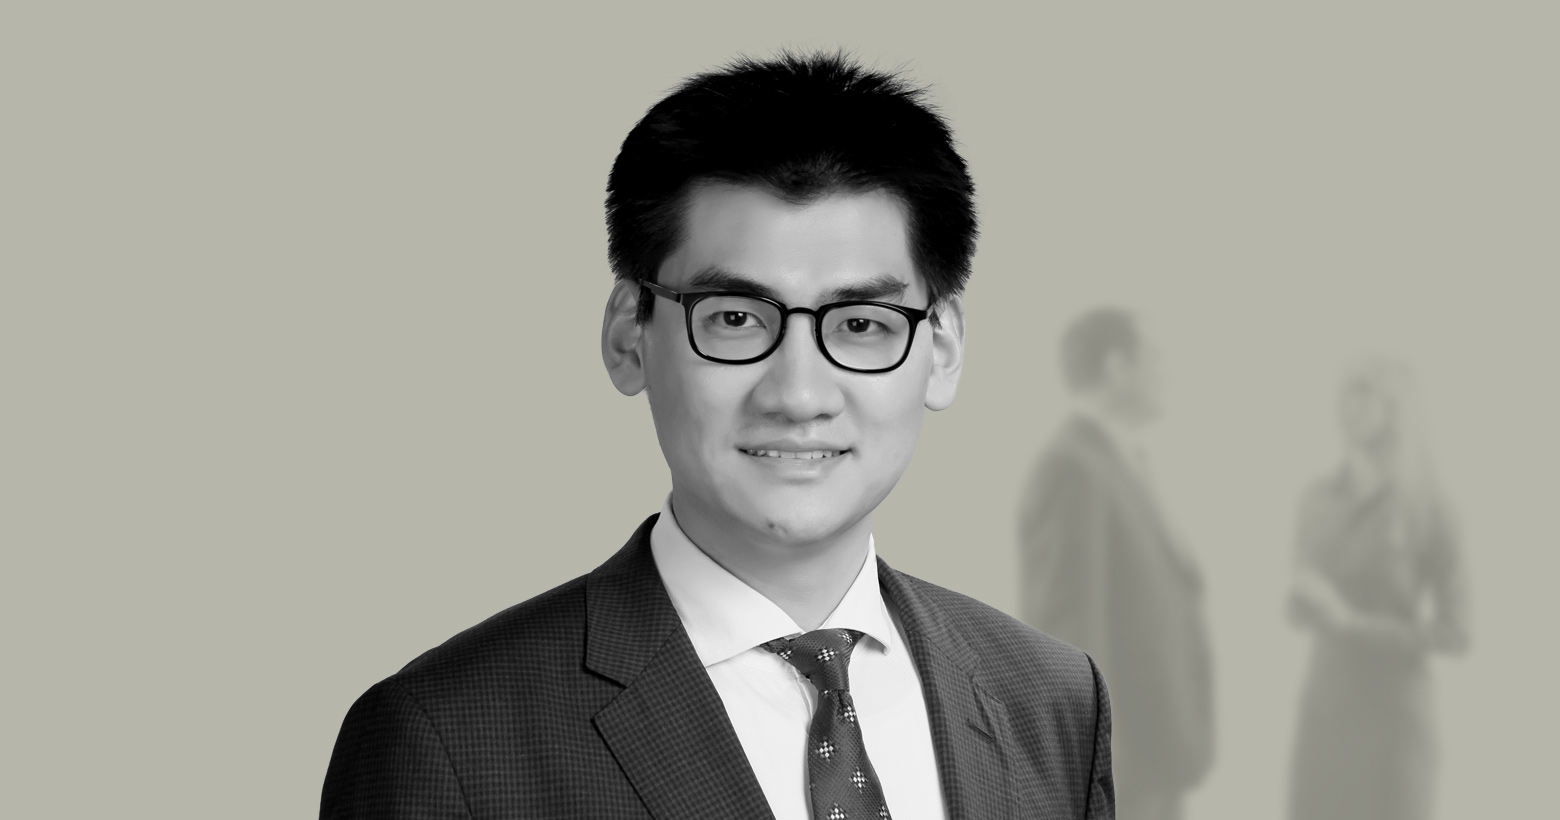 Yixiao Wang